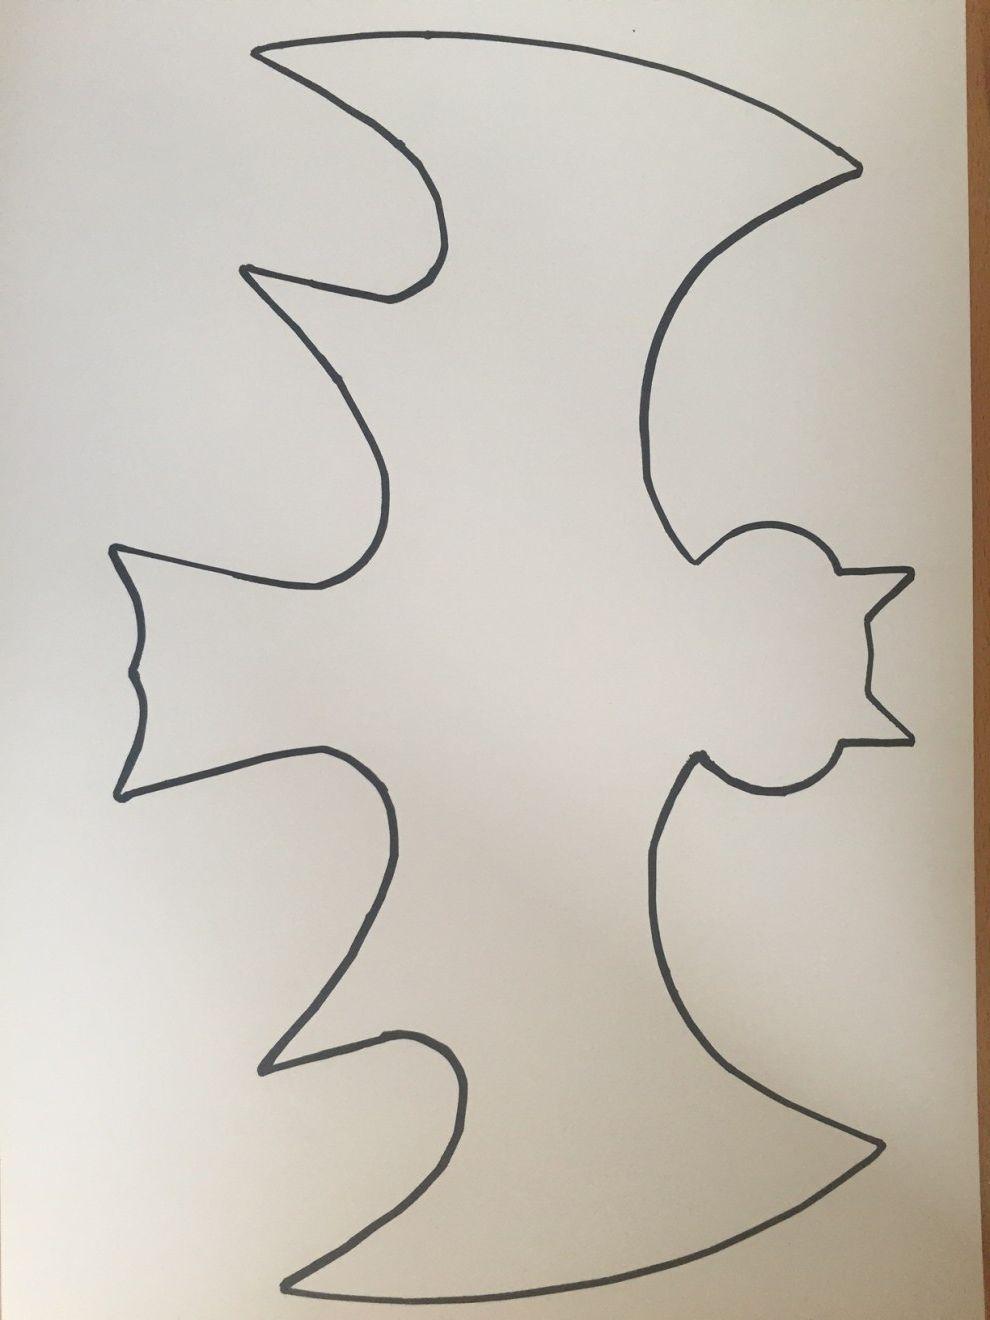 Erste einfache Schneideübungen,Vorlagen zum ausdrucken, ausschneiden ...